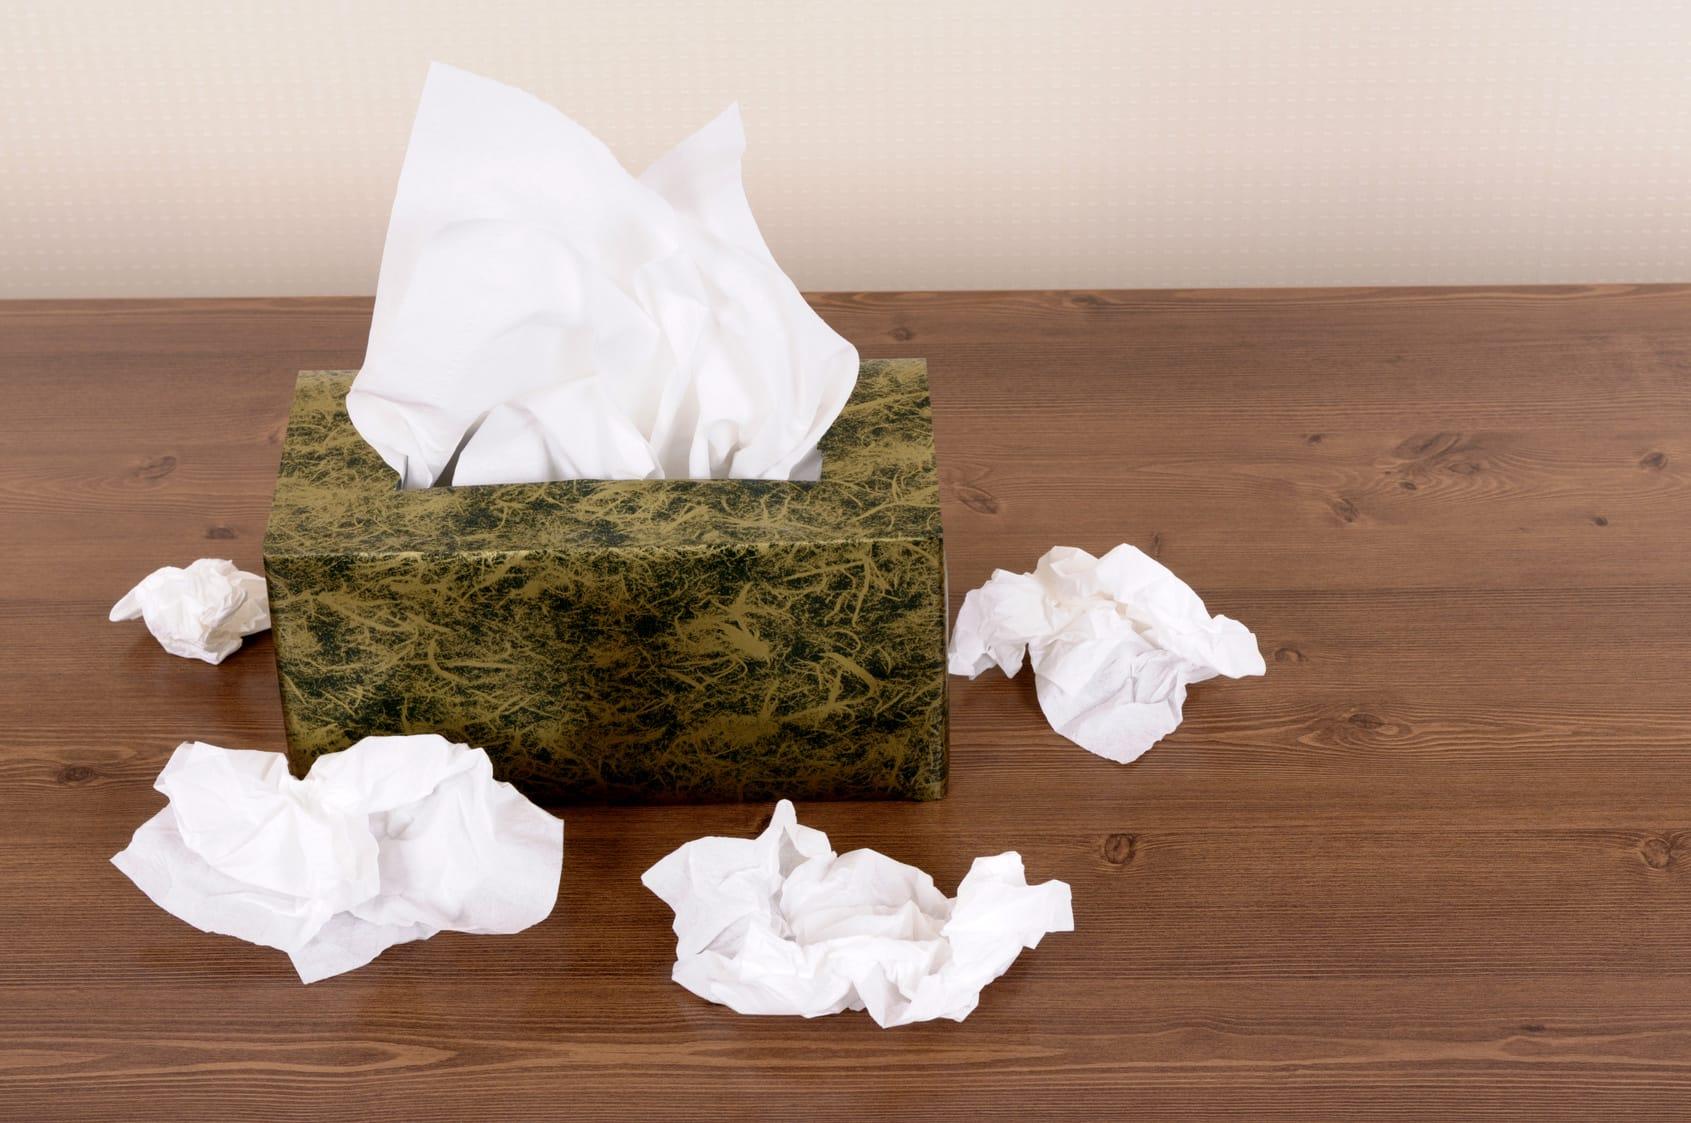 Benutzte Taschentücher – Besteht Ansteckungsgefahr?